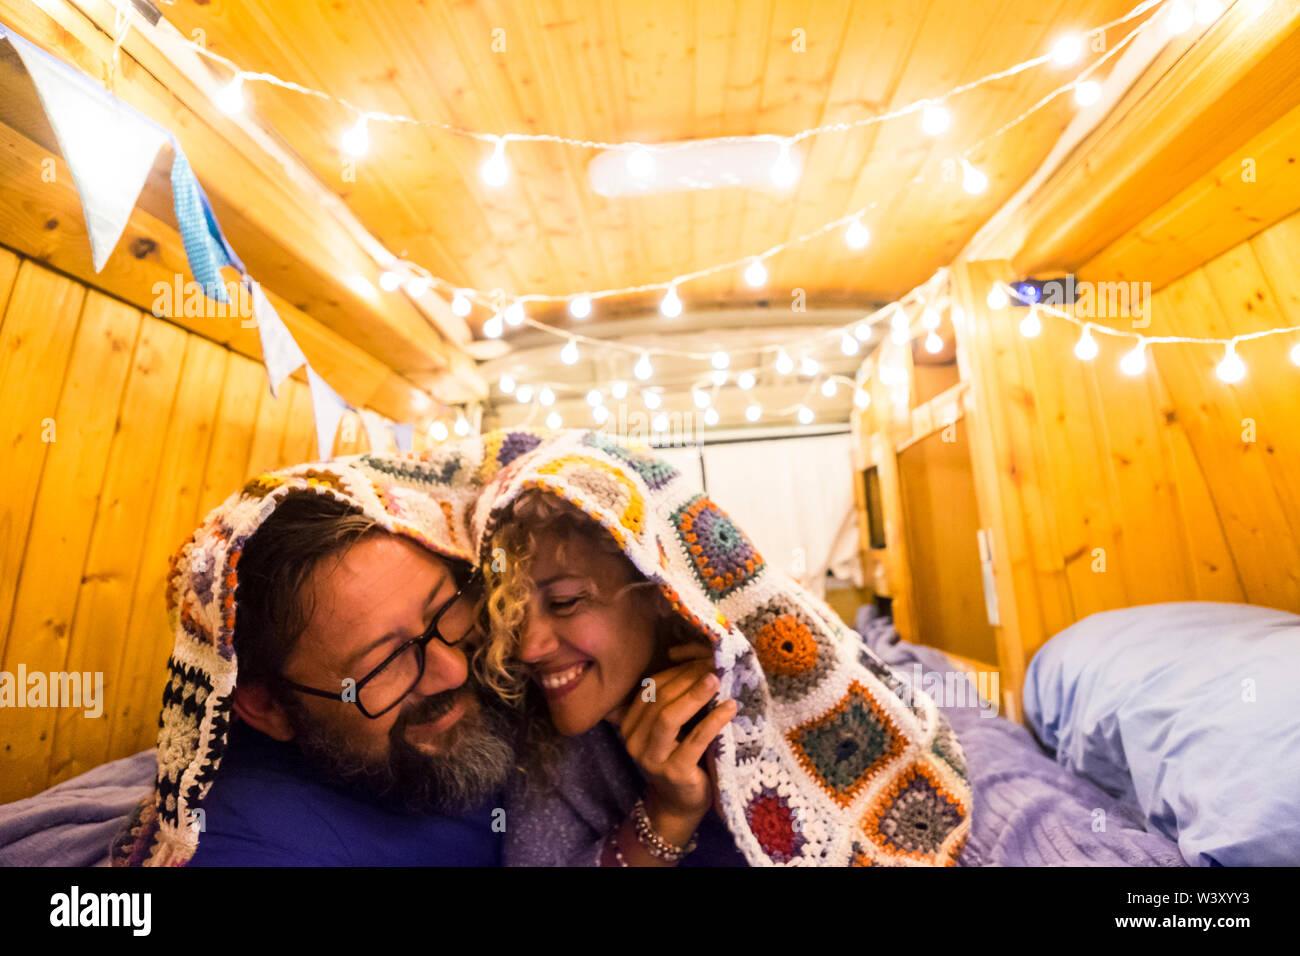 Paare, die in Liebe und Beziehung viel Spaß während einer Reise Urlaub mit einem alten restaurierten van zu winzigen Haus-van-life Konzept für moderne trendige Menschen e Stockfoto